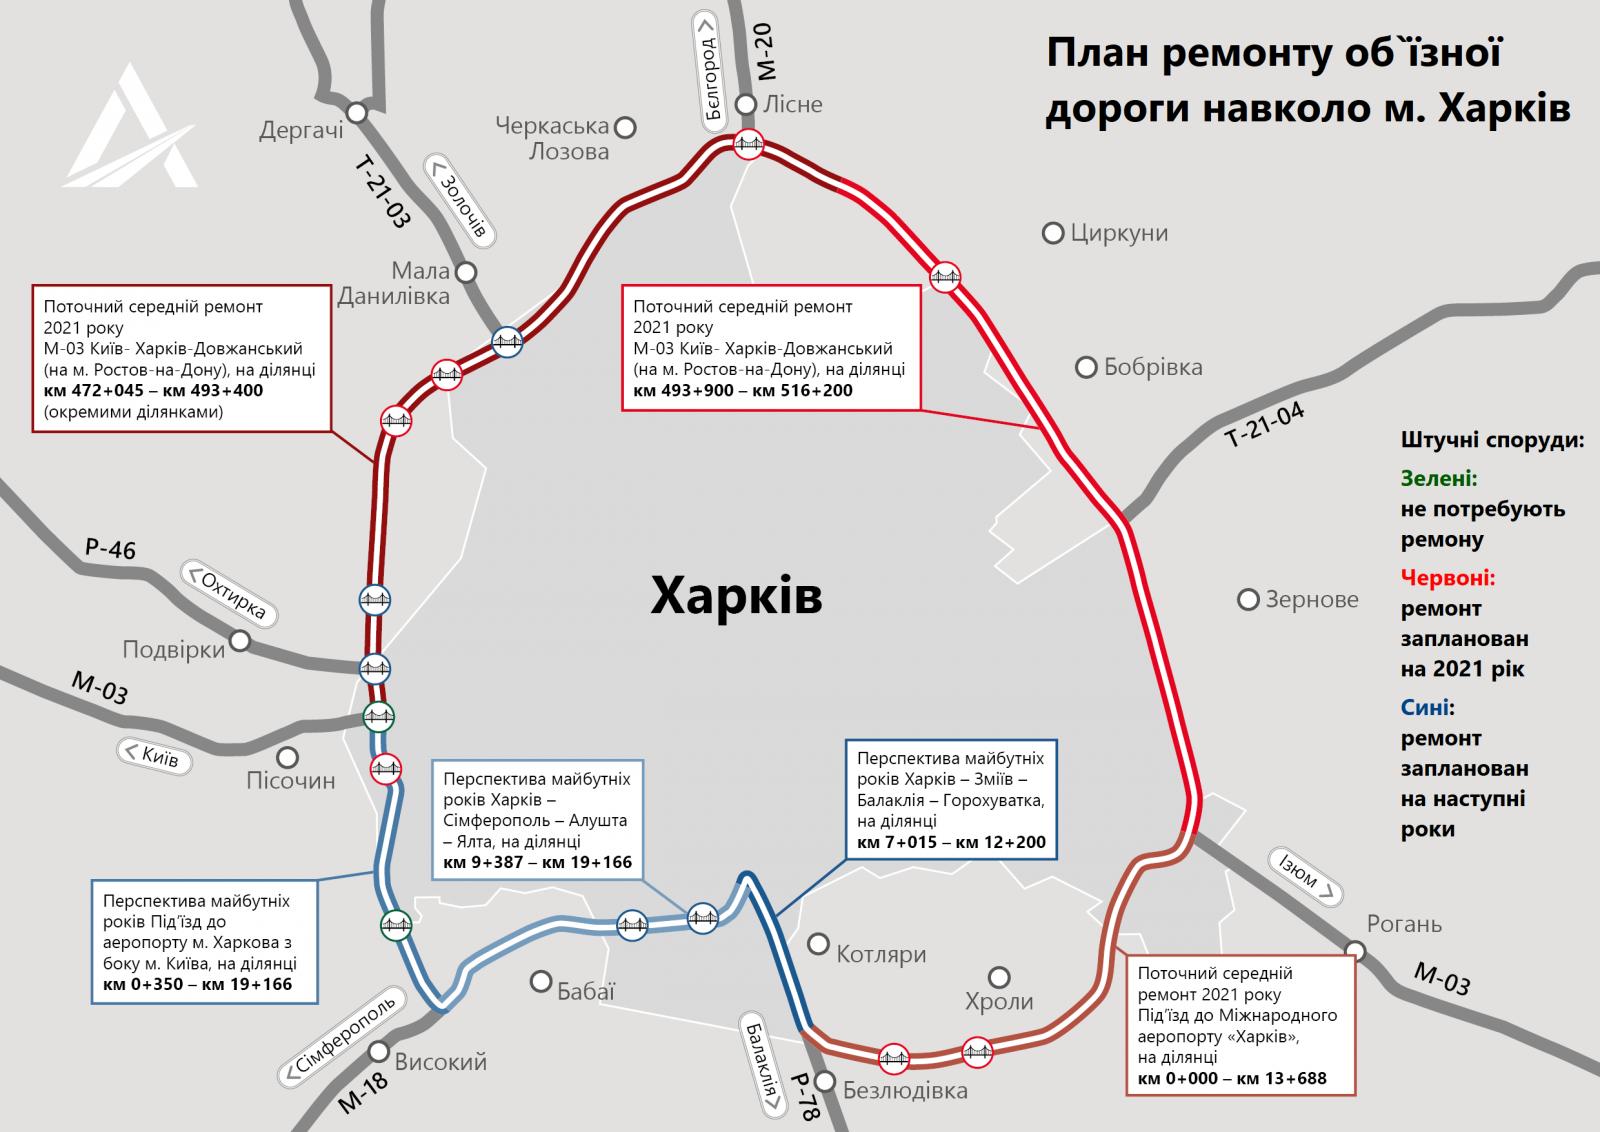 Ремонтные работы ведутся на 58 километрах по маршруту Песочин - Пятихатки - Рогань - Безлюдовка